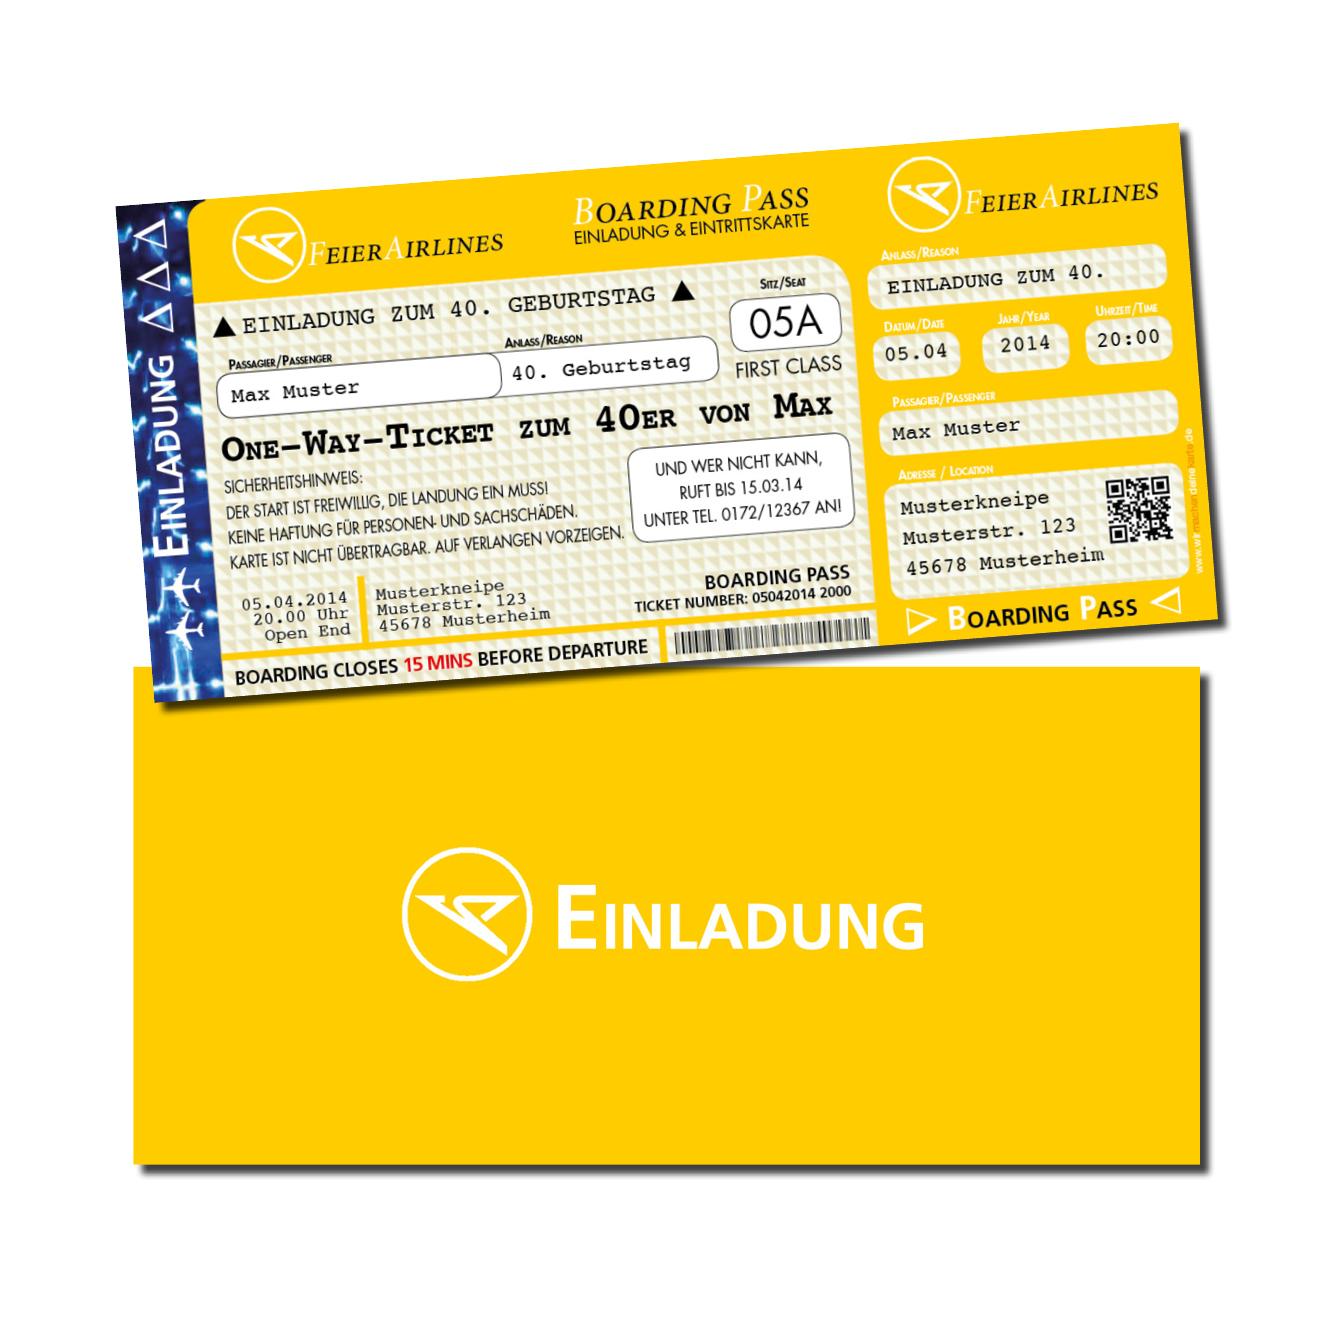 Gelbe Karte Lustig.Einladung Einladungskarte Lustig Geburtstag Feierairlines Gelb